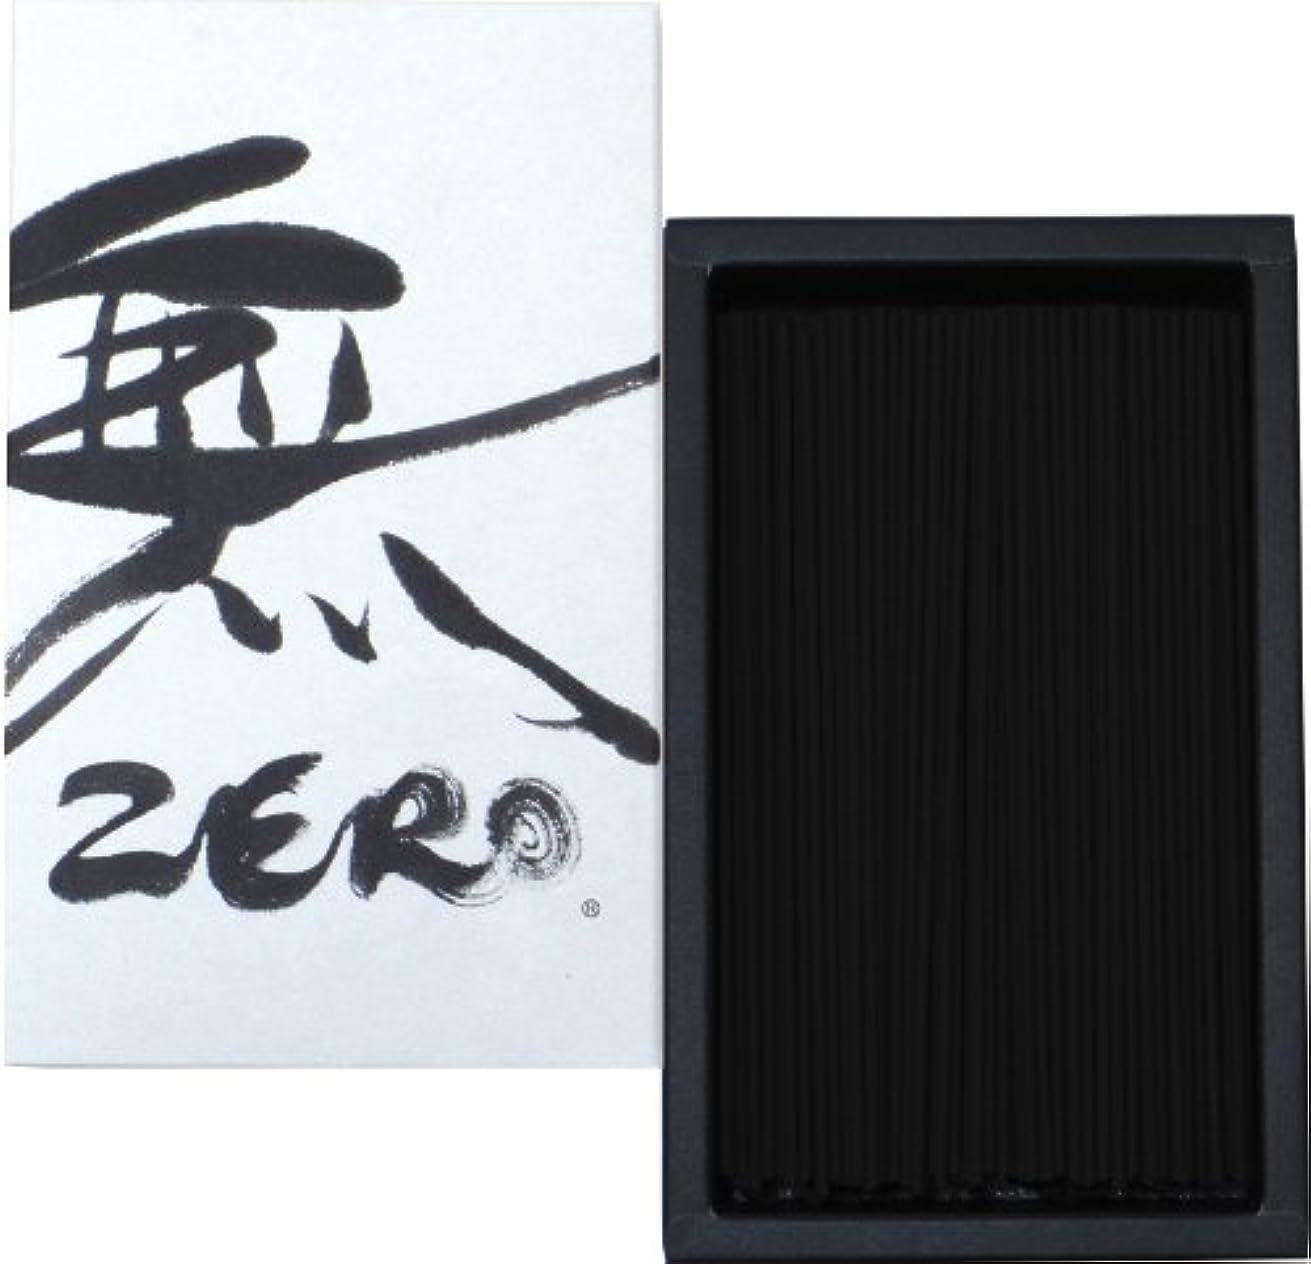 前兆運命ティッシュ丸叶むらたのお線香 無 ZERO(ゼロ)大バラ 約160g #ZR-01